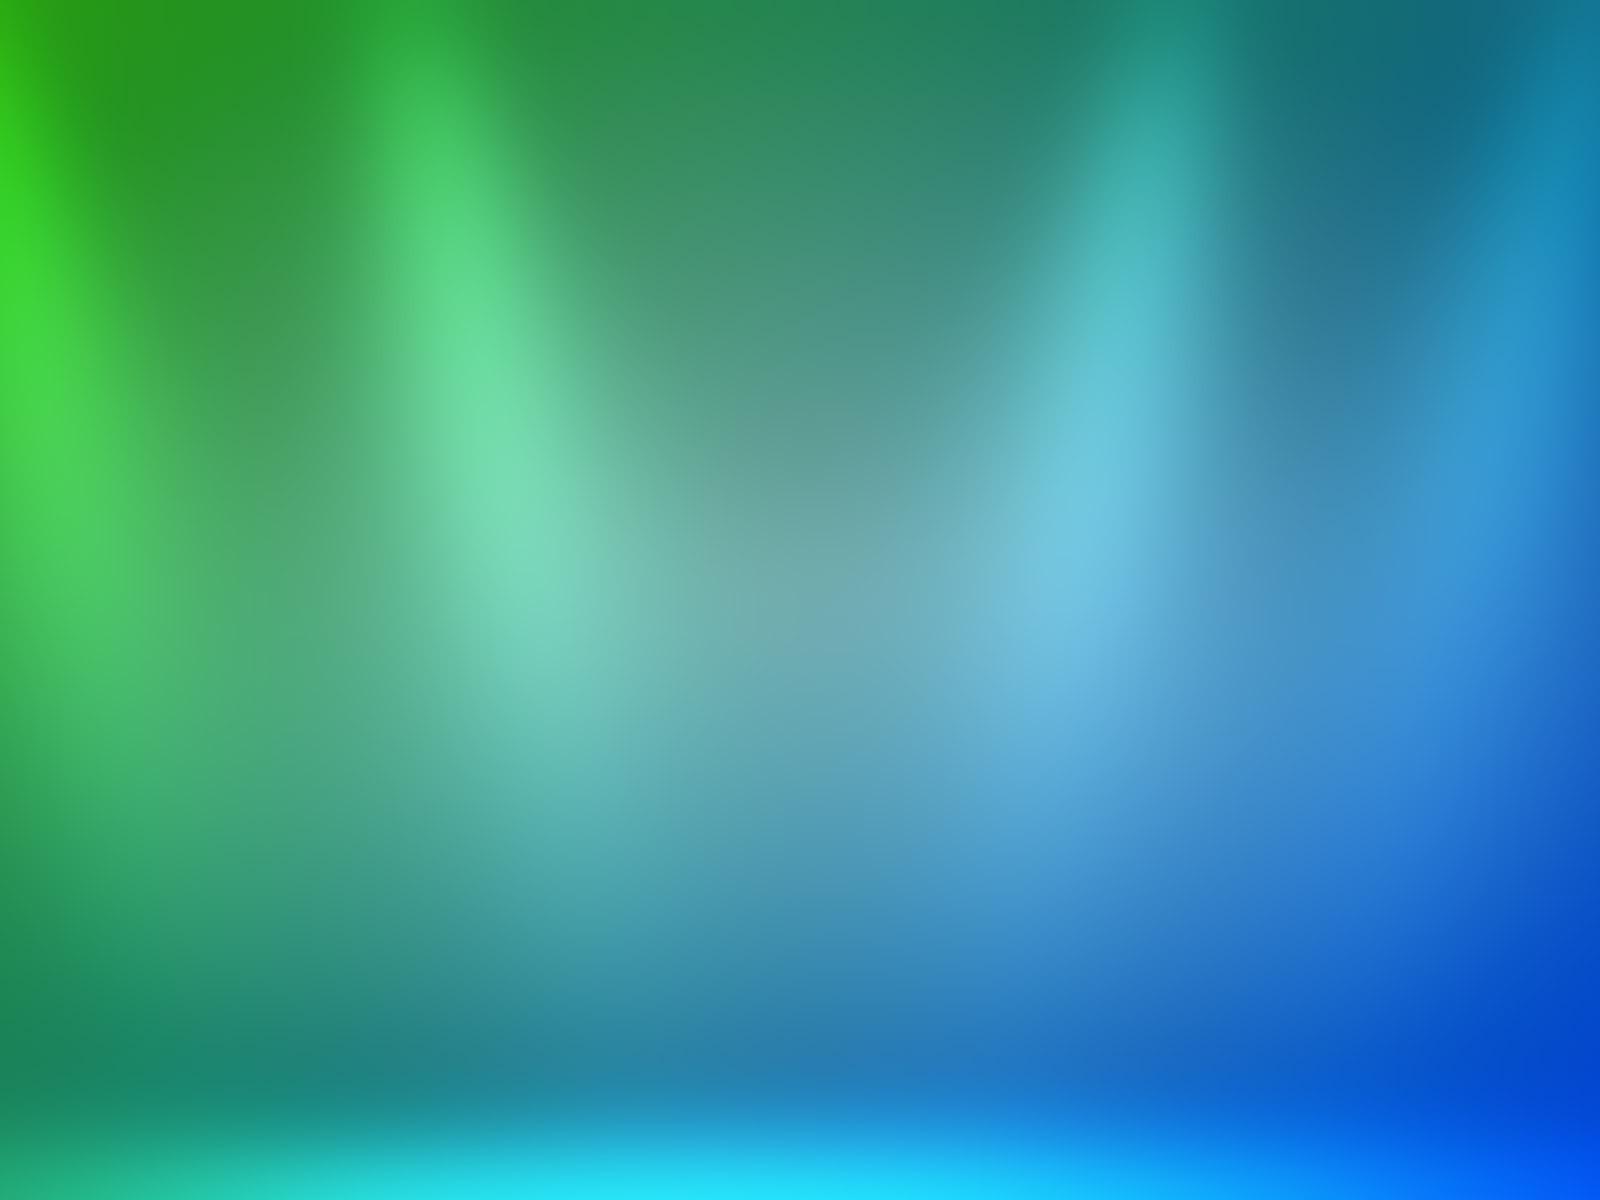 Desktopwallpapers Org Ua Fondo Degradado Azul Marino